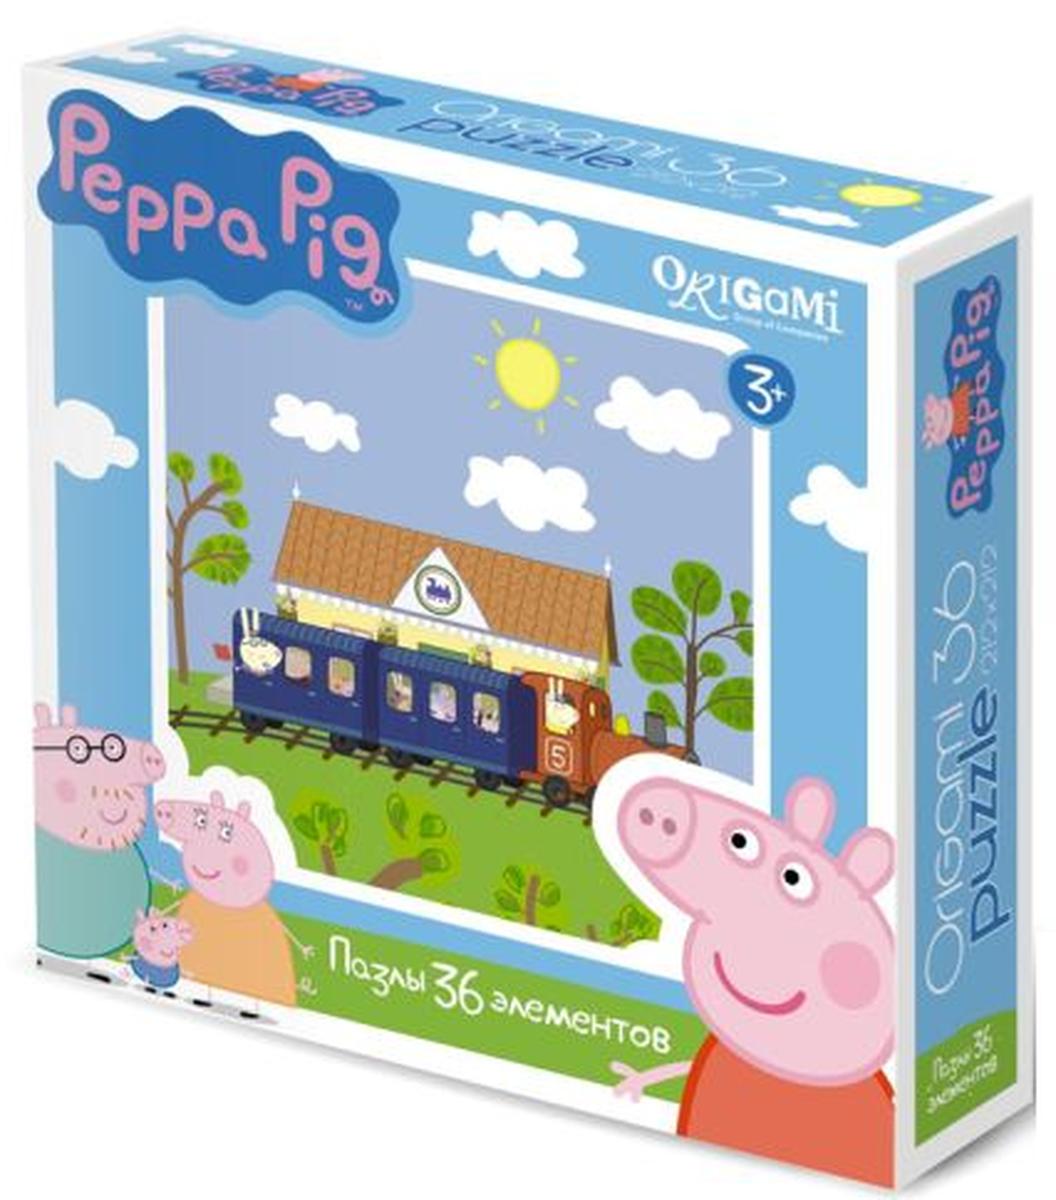 Оригами Пазл Peppa Pig 36A 0155101551Пазл Peppa Pig на 36 деталей. Пазл за пазлом ребёнок будет узнавать о весёлых приключениях Свинки Пеппы. Составление пазла станет развивающим досугом для малыша, т.к. тренирует пространственное мышление, моторику рук, а так же подарит хорошее настроение.